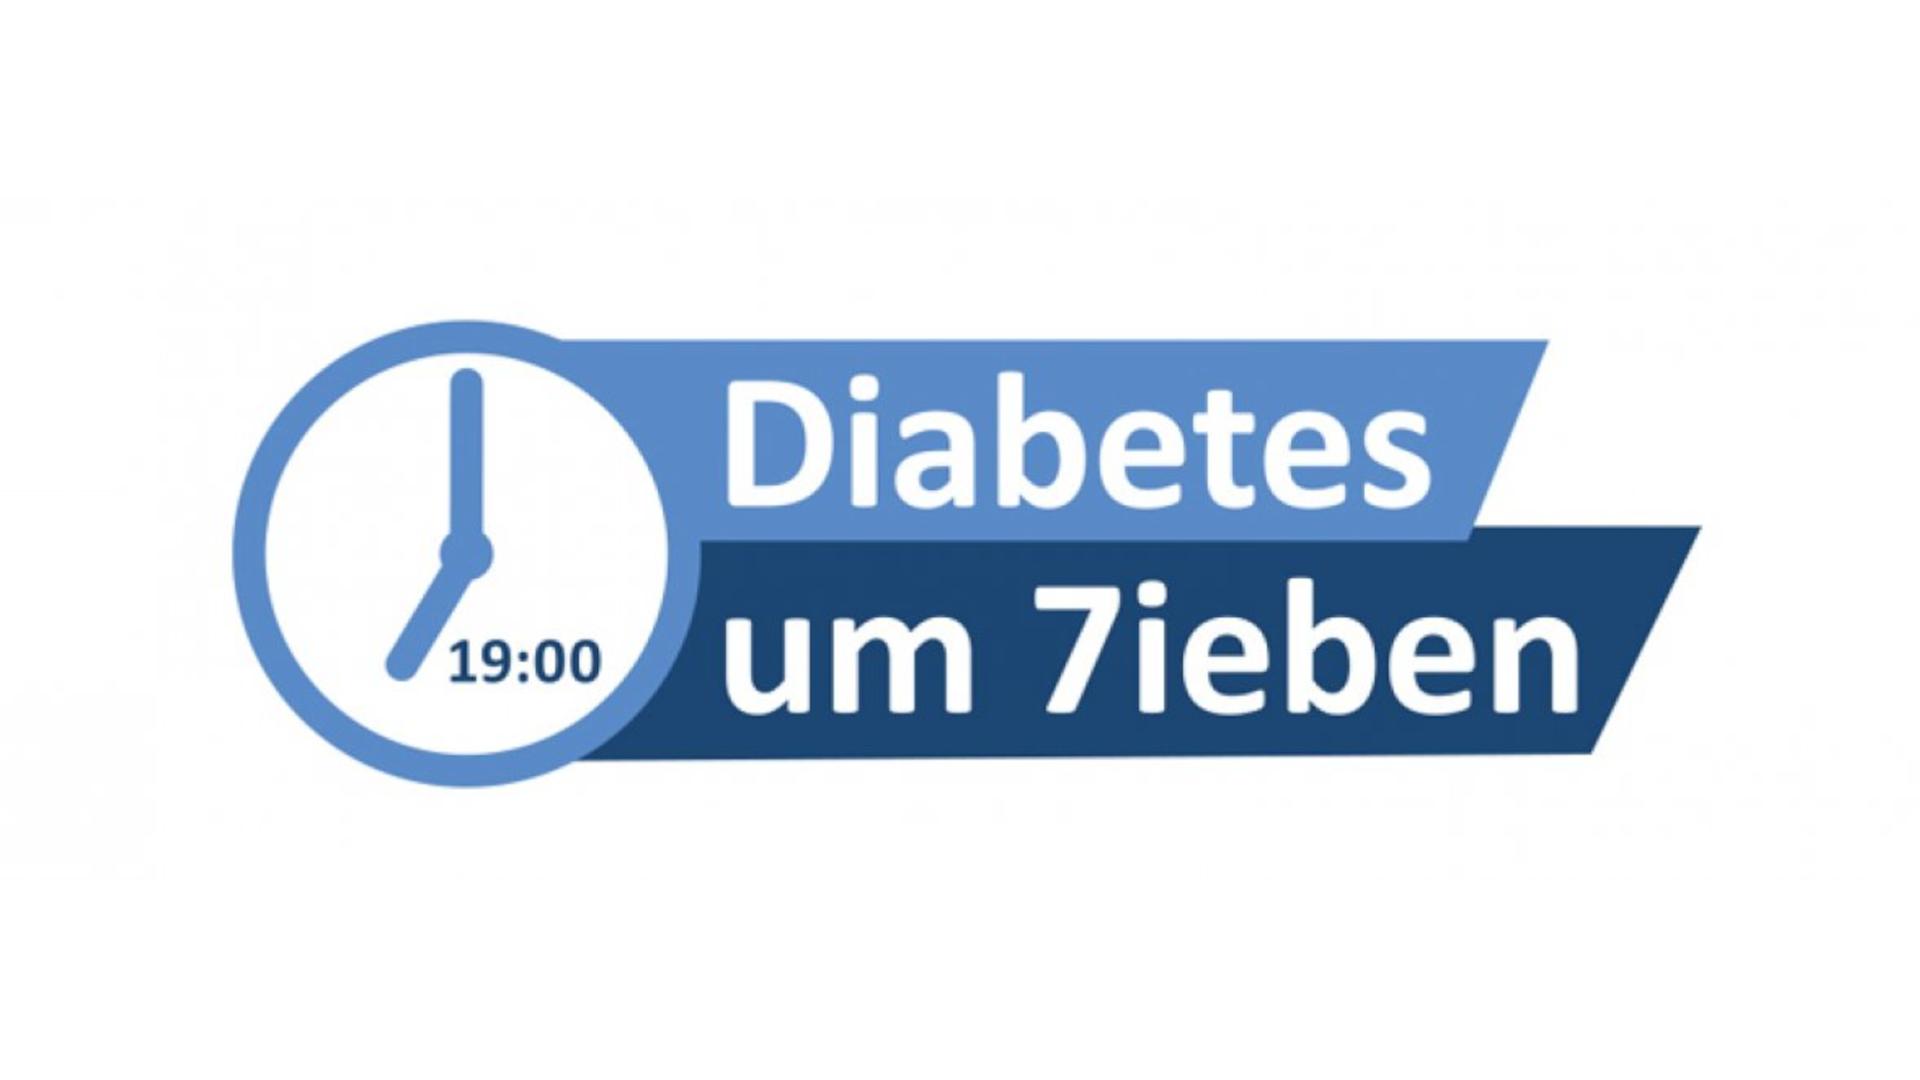 """""""Diabetes um 7ieben"""" – Politiker im Fragenhagel"""